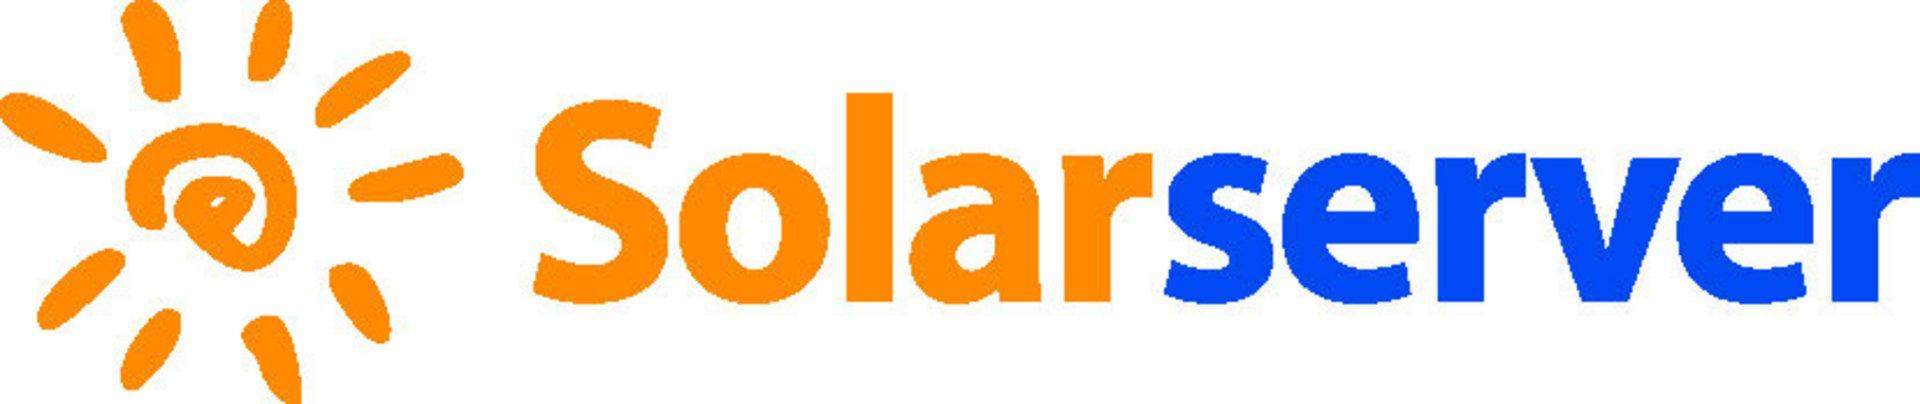 Logo des Fachportals solarserver.de